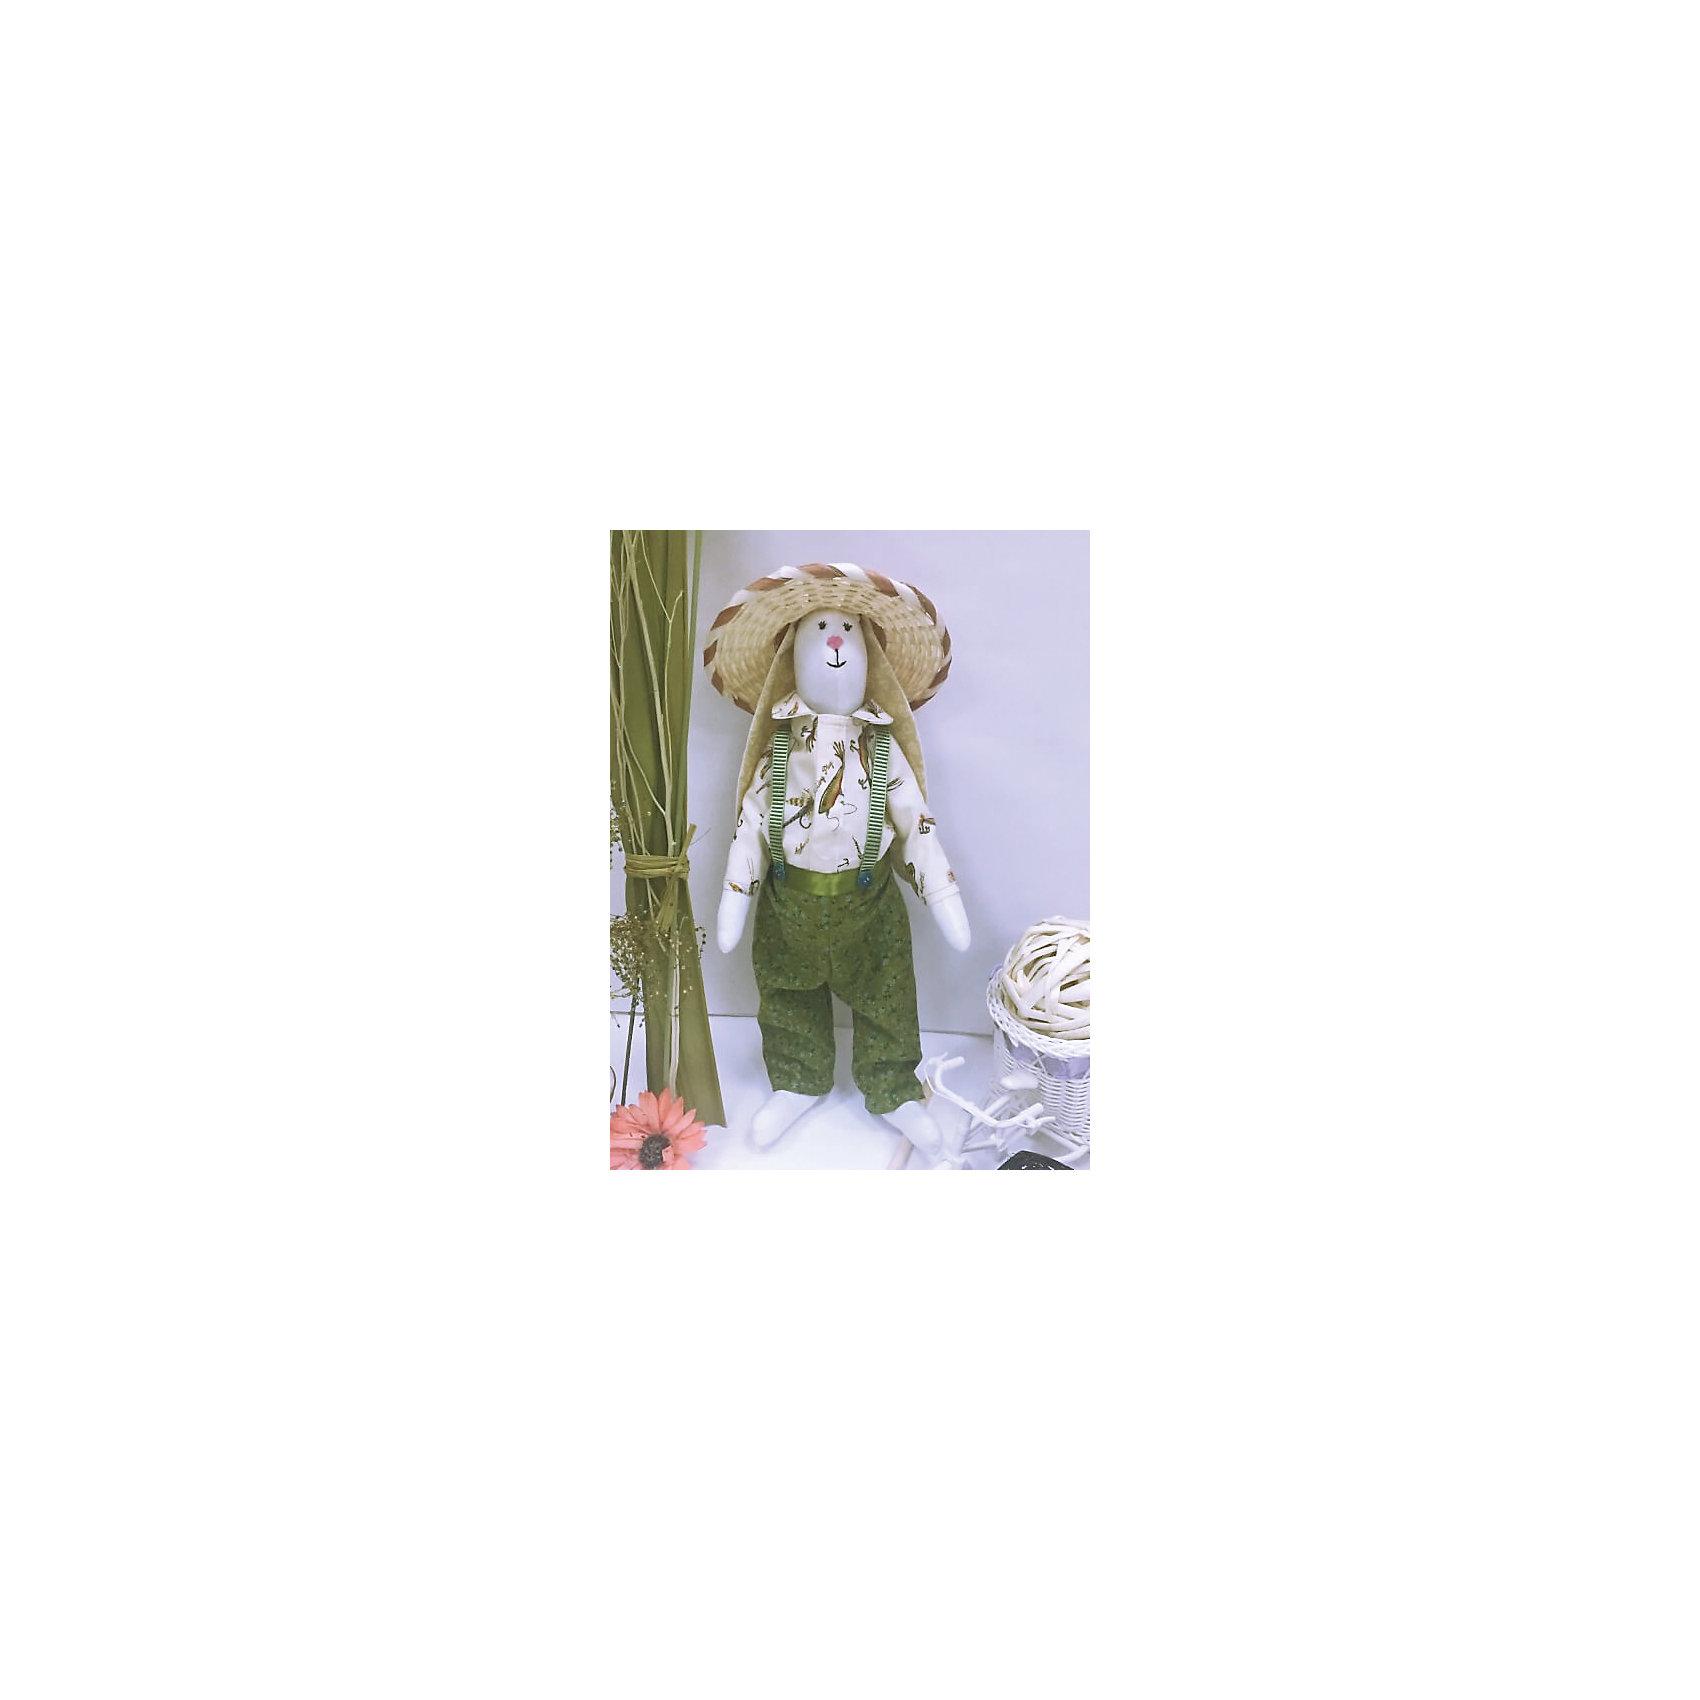 Набор для шитья Зайка ПасечникРукоделие<br>В набор входит выкройка, подробная инструкция, лекало, мел, булавки, нитки, наполнитель-холлафайбер, ленты и аксессуары для украшения. Игрушка выполняется из специальной несыпучей ткани для печворка. Своими руками Вы создаете дизайнерскую игрушку<br><br>Ширина мм: 200<br>Глубина мм: 80<br>Высота мм: 260<br>Вес г: 800<br>Возраст от месяцев: 120<br>Возраст до месяцев: 180<br>Пол: Унисекс<br>Возраст: Детский<br>SKU: 5350863